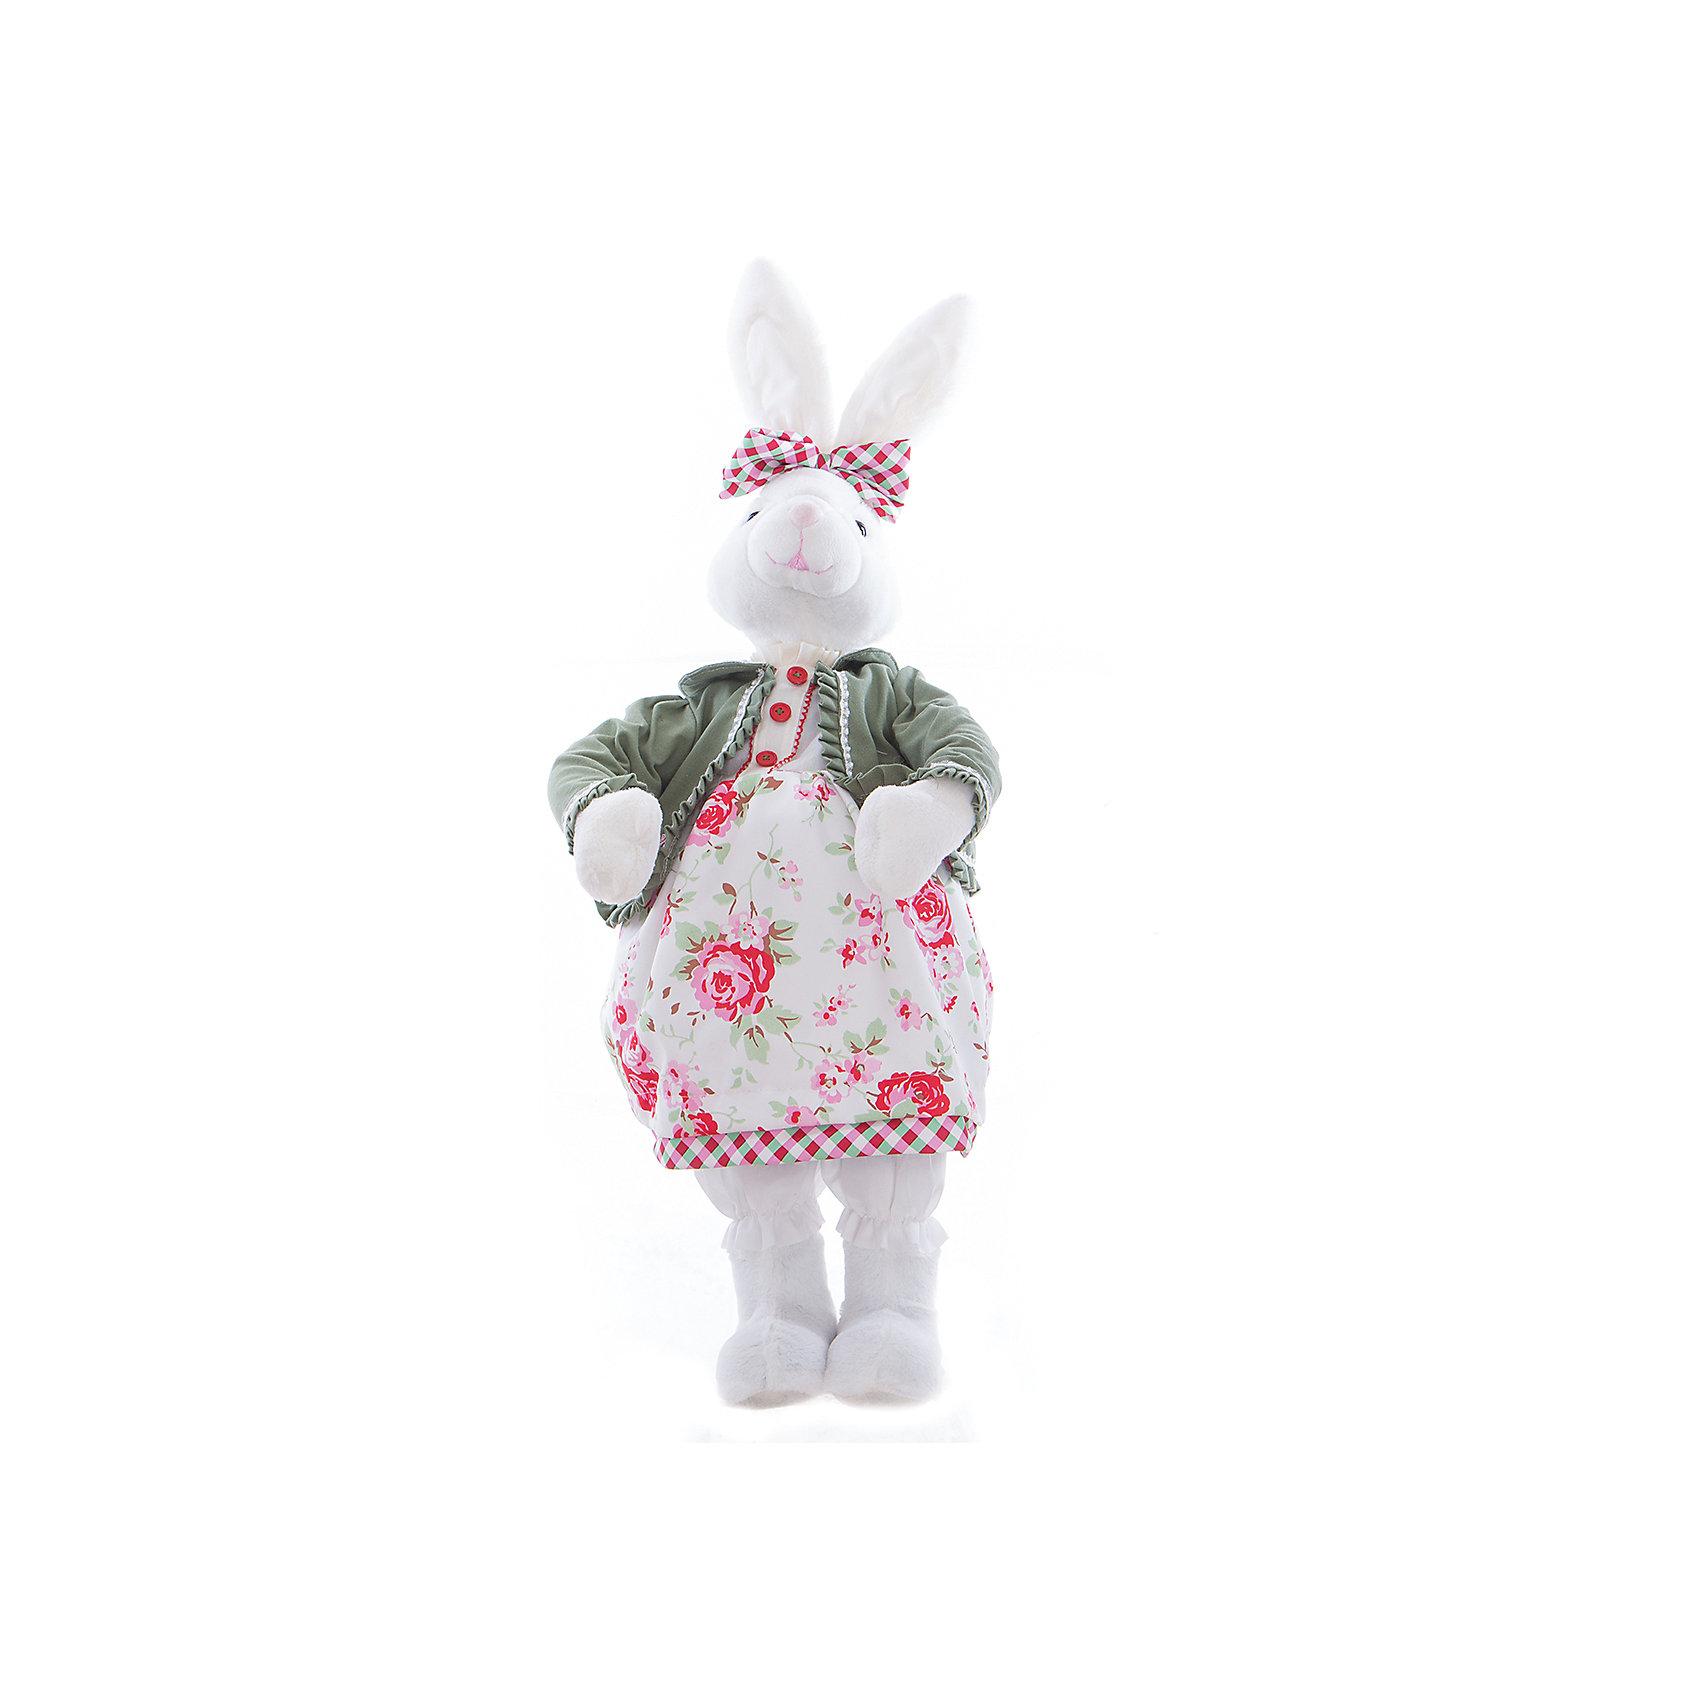 Интерьерная кукла Зайчик C21-288054, EstroПредметы интерьера<br>Характеристики интерьерной куклы:<br><br>- размеры (высота): 70 см. <br>- тип игрушки: животные, мягкая игрушка<br>- персонаж: заяц<br>- вид упаковки: коробка<br>- возрастные ограничения: 3+<br>- комплектация: игрушка <br>- состав: 50% пластик, 50% полиэстр, платье текстиль, без механизма.<br>- материал изготовления: высококачественный пластик, полиэстер, ткань<br>- стиль: классический, прованс<br>- бренд: Estro <br>- страна бренда: Италия<br>- страна производитель: Китай<br><br>Интерьерная кукла торговой марки Estro в виде белой зайки будет замечательным приобретением или презентом на новоселье, легко подойдет под любую квартиру. Дизайн интерьерной куклы основательно продуман. Все части аккуратно подогнаны и хорошо совмещаются друг с другом. Модель изготовлена из лучших материалов приятного окраса. <br><br>Интерьерную куклу заяц итальянской торговой марки Estro можно купить в нашем интернет-магазине.<br><br>Ширина мм: 200<br>Глубина мм: 300<br>Высота мм: 700<br>Вес г: 1236<br>Возраст от месяцев: 36<br>Возраст до месяцев: 1188<br>Пол: Женский<br>Возраст: Детский<br>SKU: 5356618